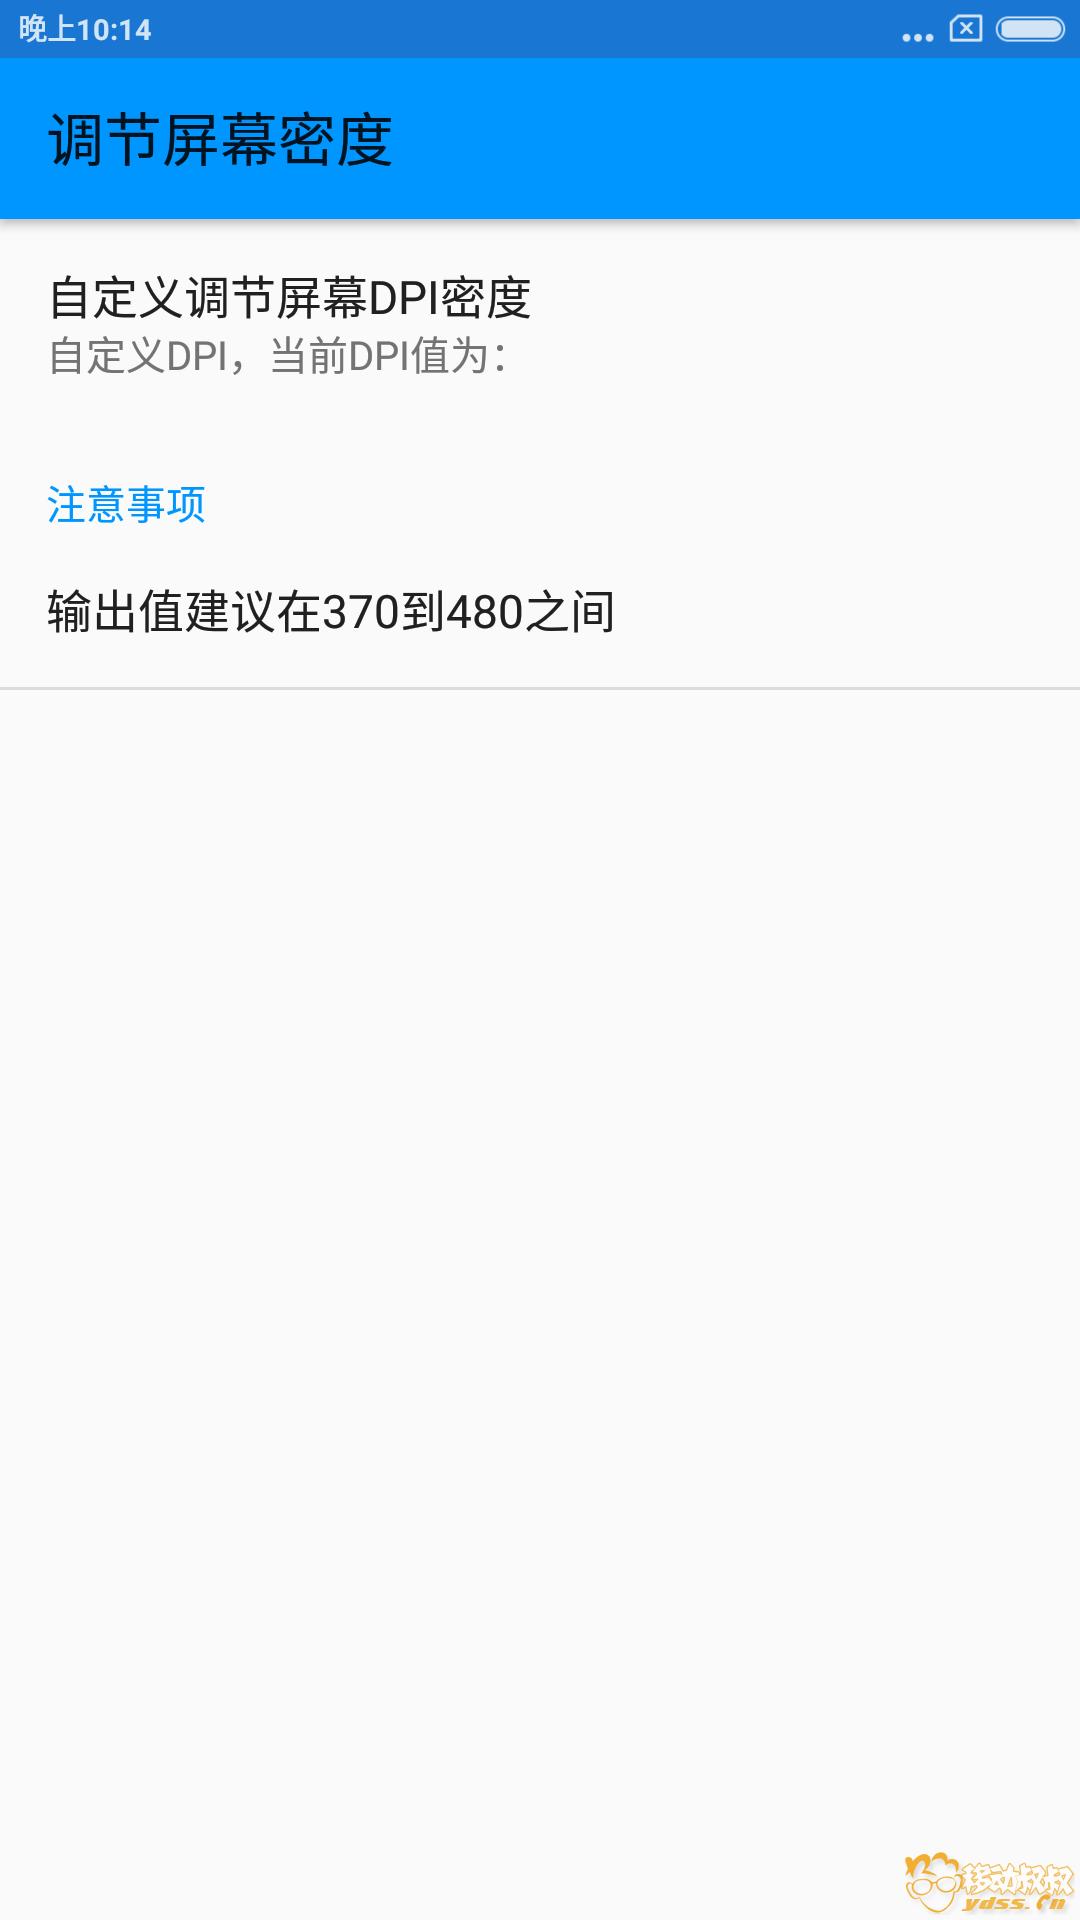 Screenshot_1970-09-16-22-14-07-379_com.zhanhong.t.png